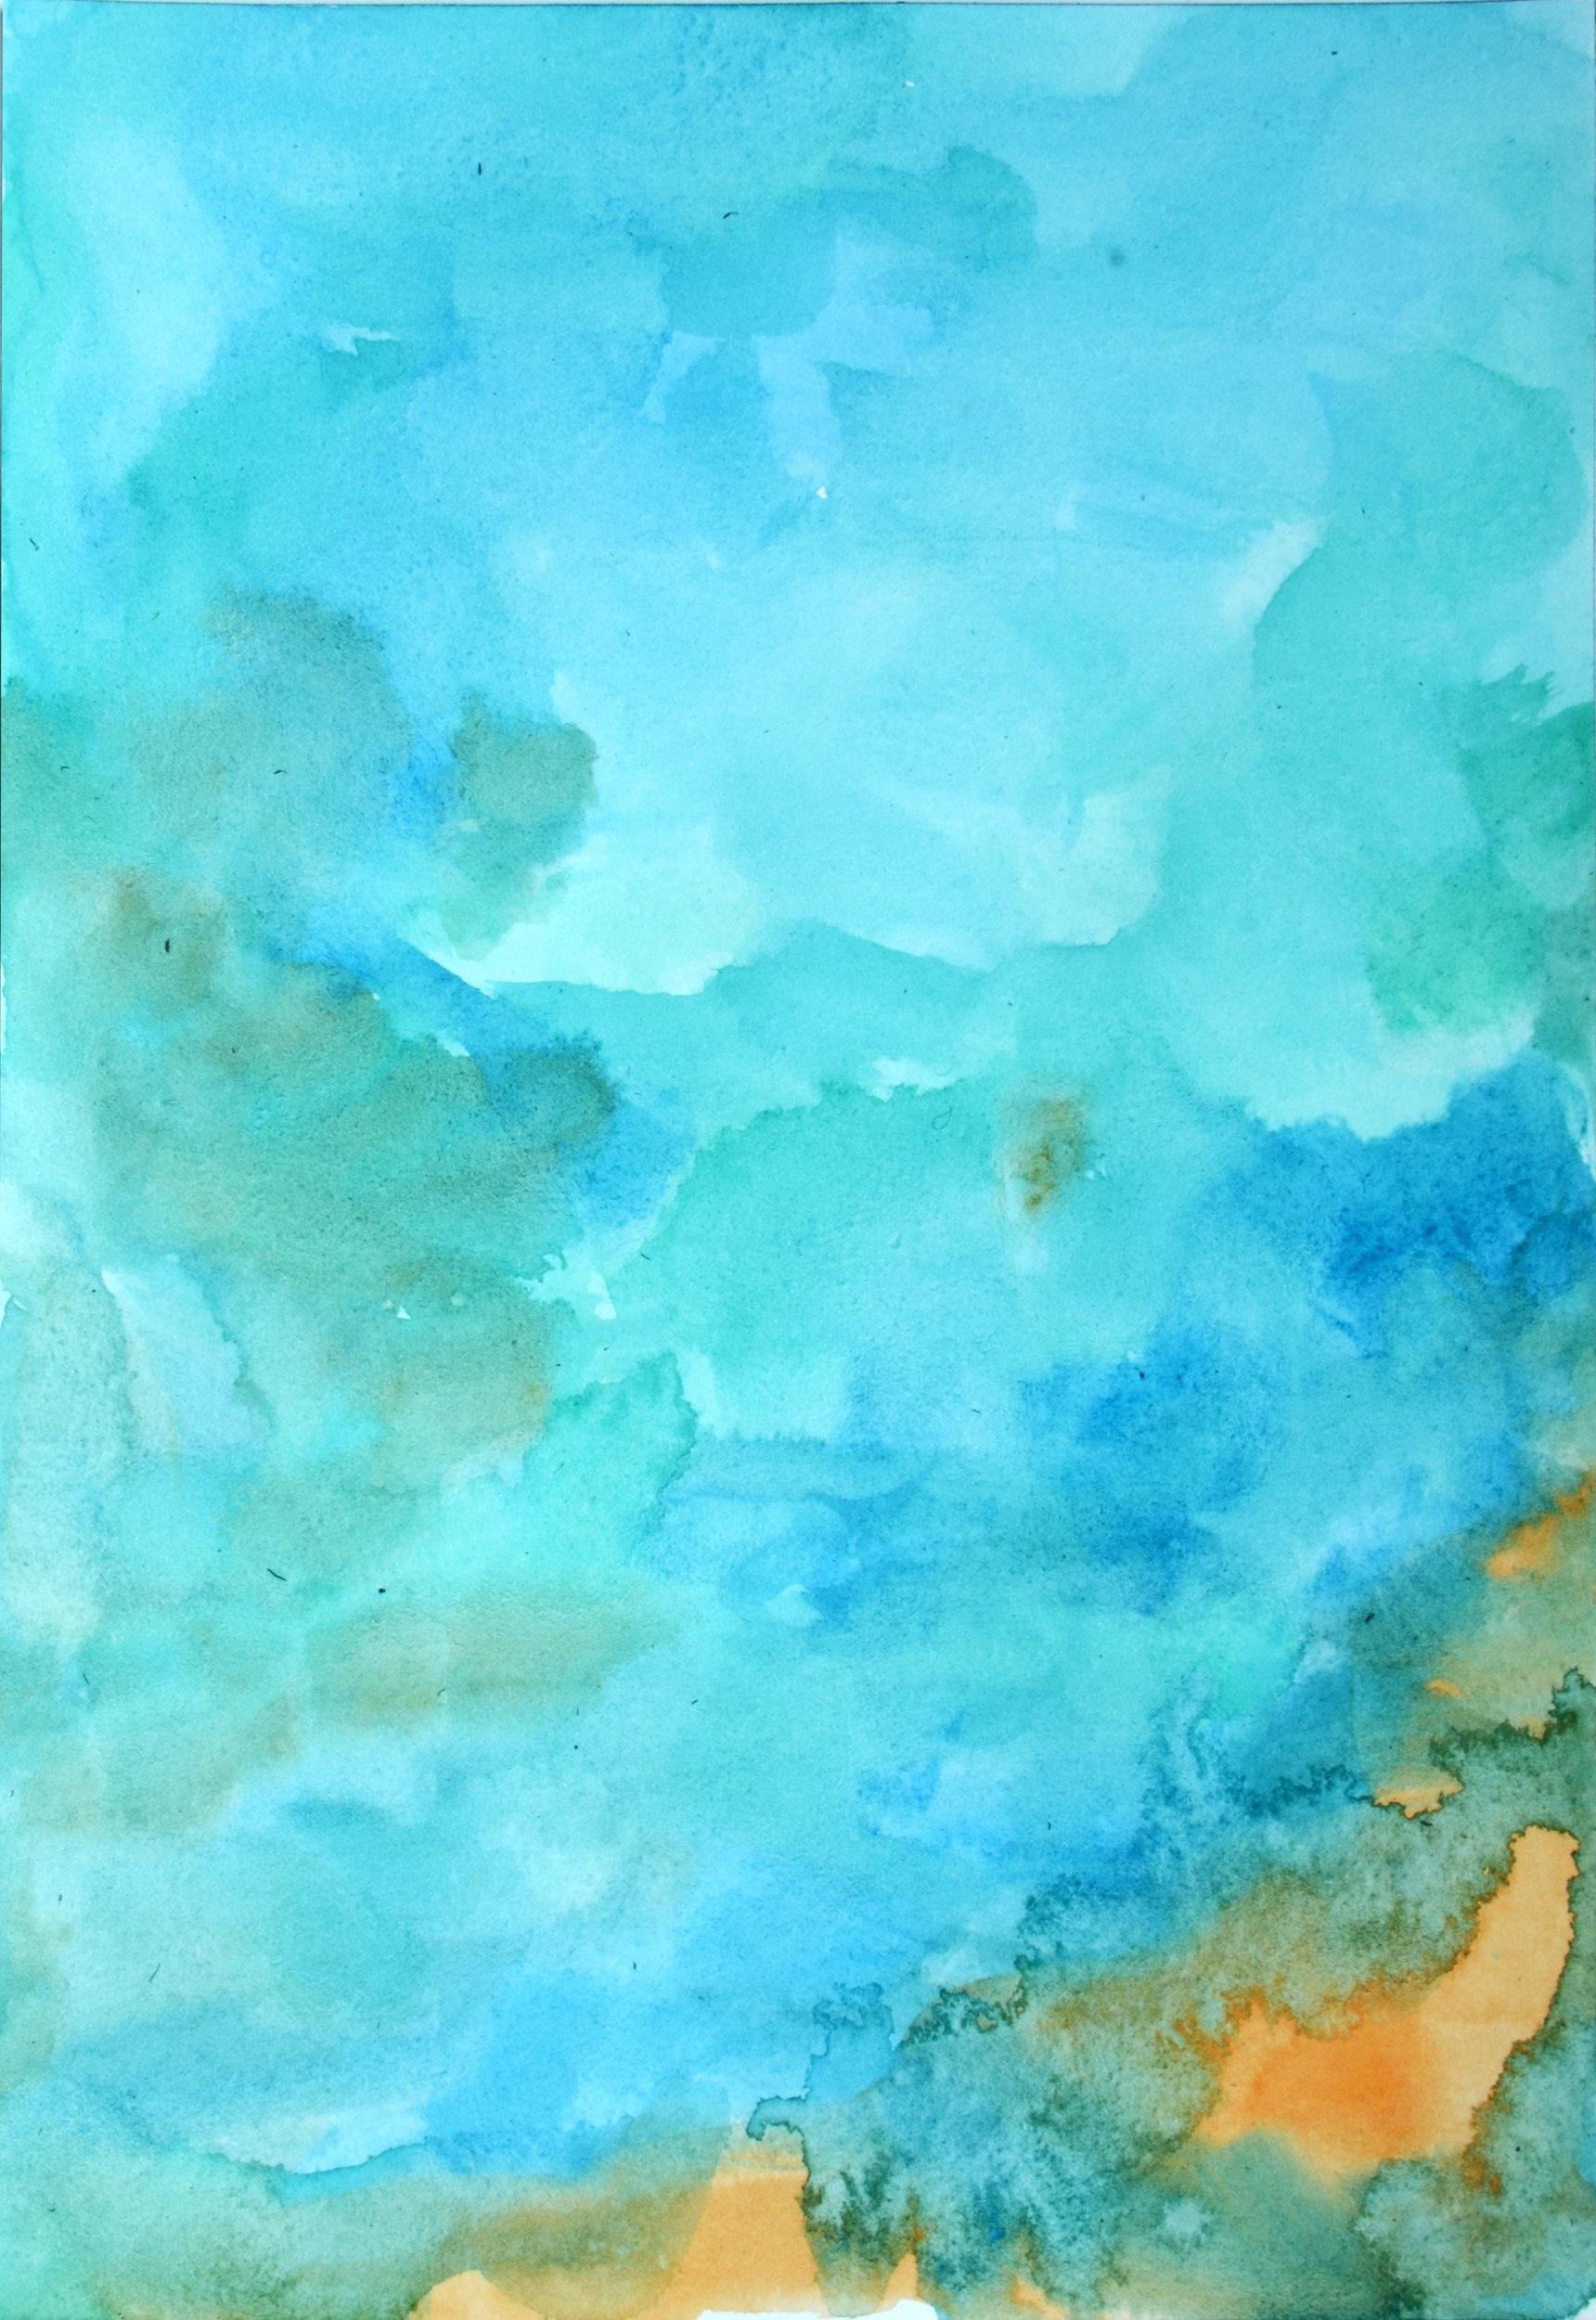 Aquamarine watercolor.jpg